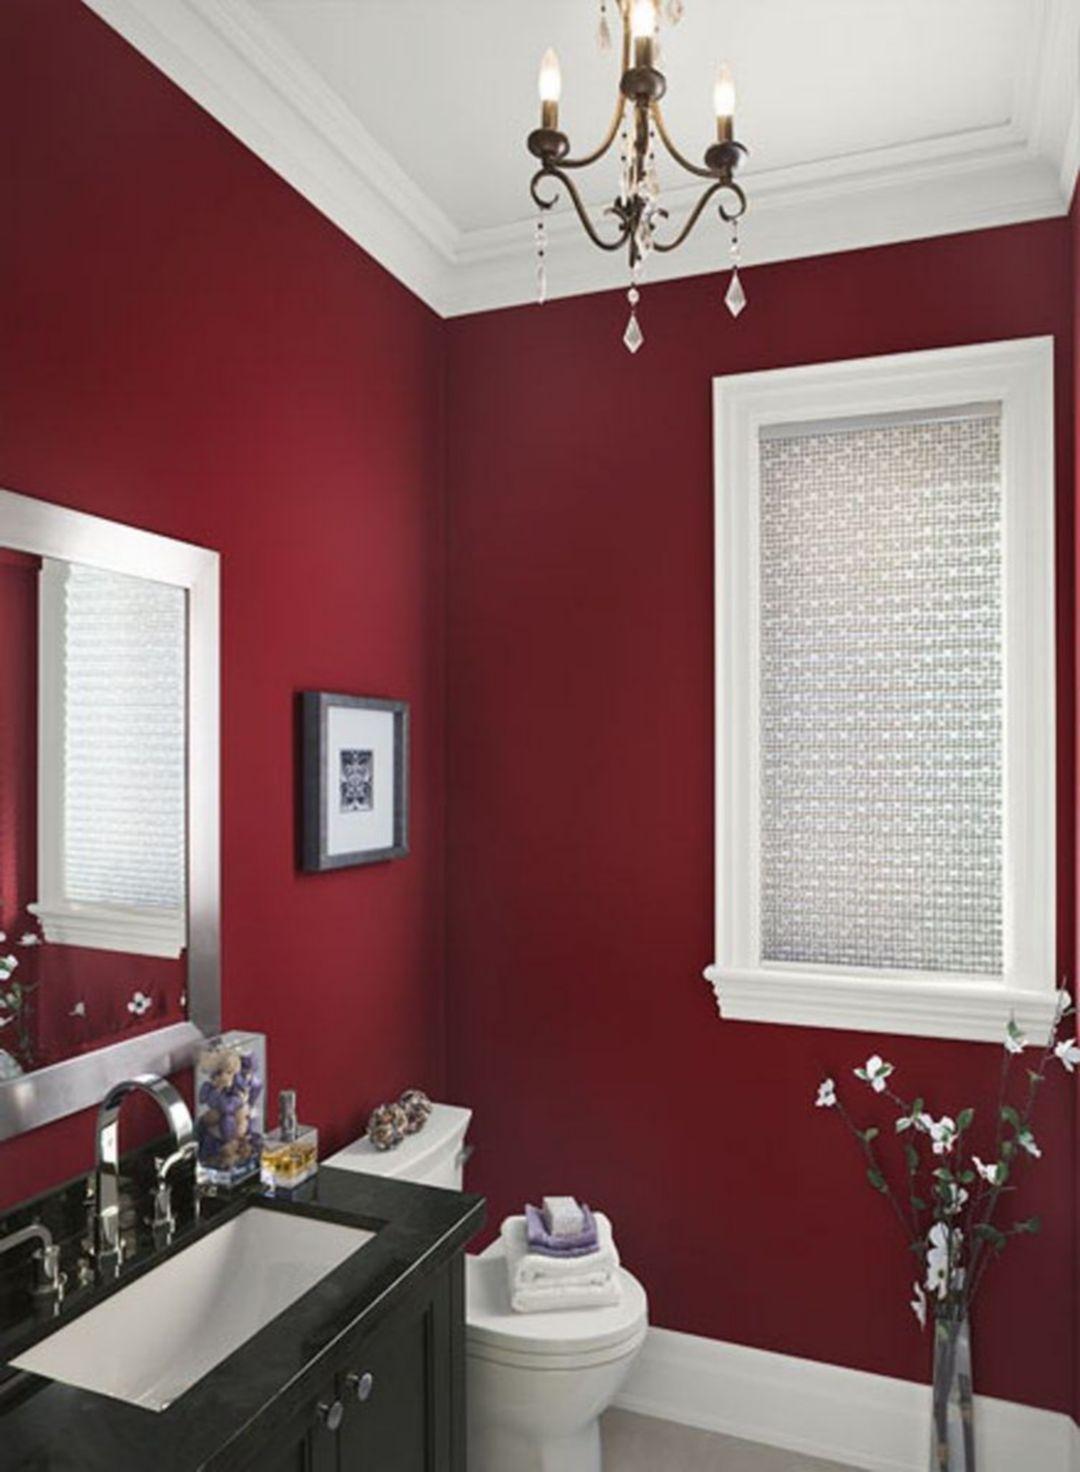 Pin By Syaifahmad On Wandfarben Red Bathroom Decor White Bathroom Decor Bathroom Red